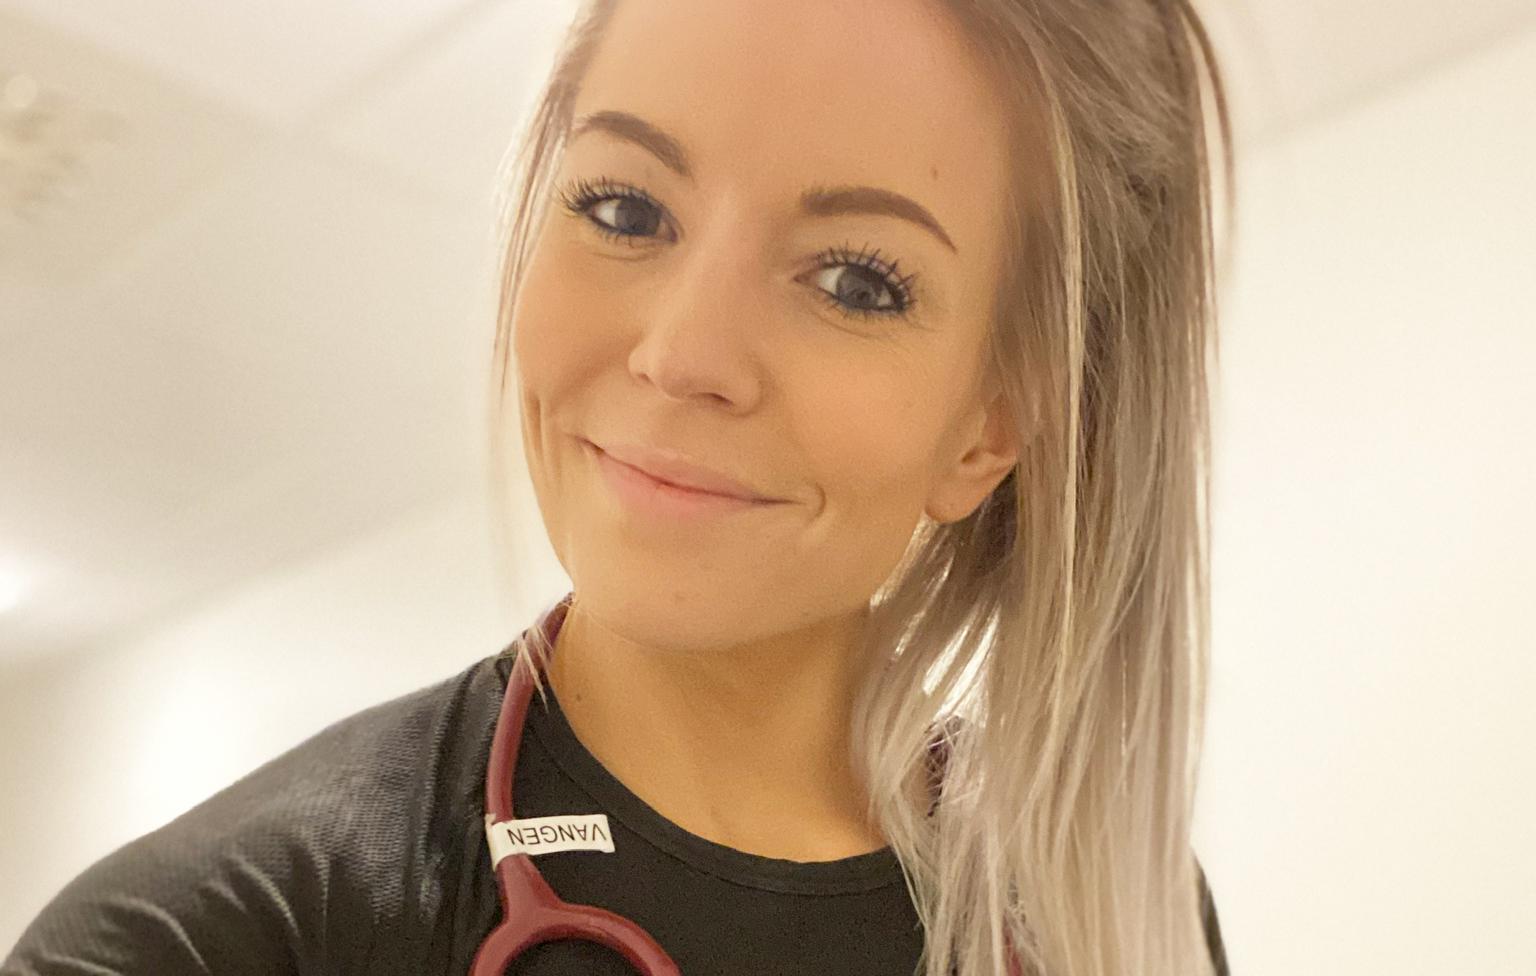 Anne-Kari-Vangen-stetoskop-cingulum2